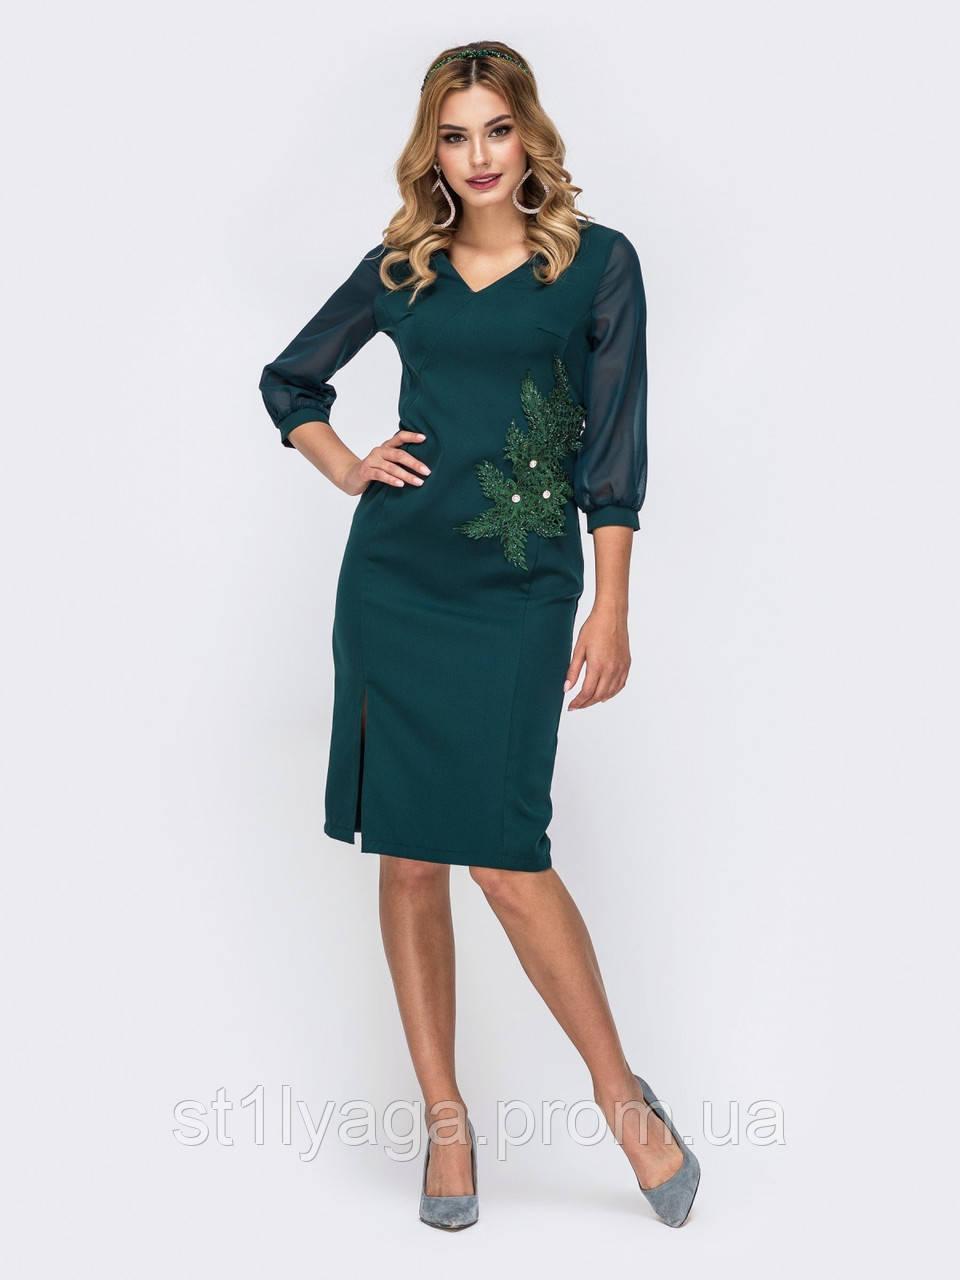 Сукня-футляр з коротким рукавом три чверті прикрашене флористичної нашивкою